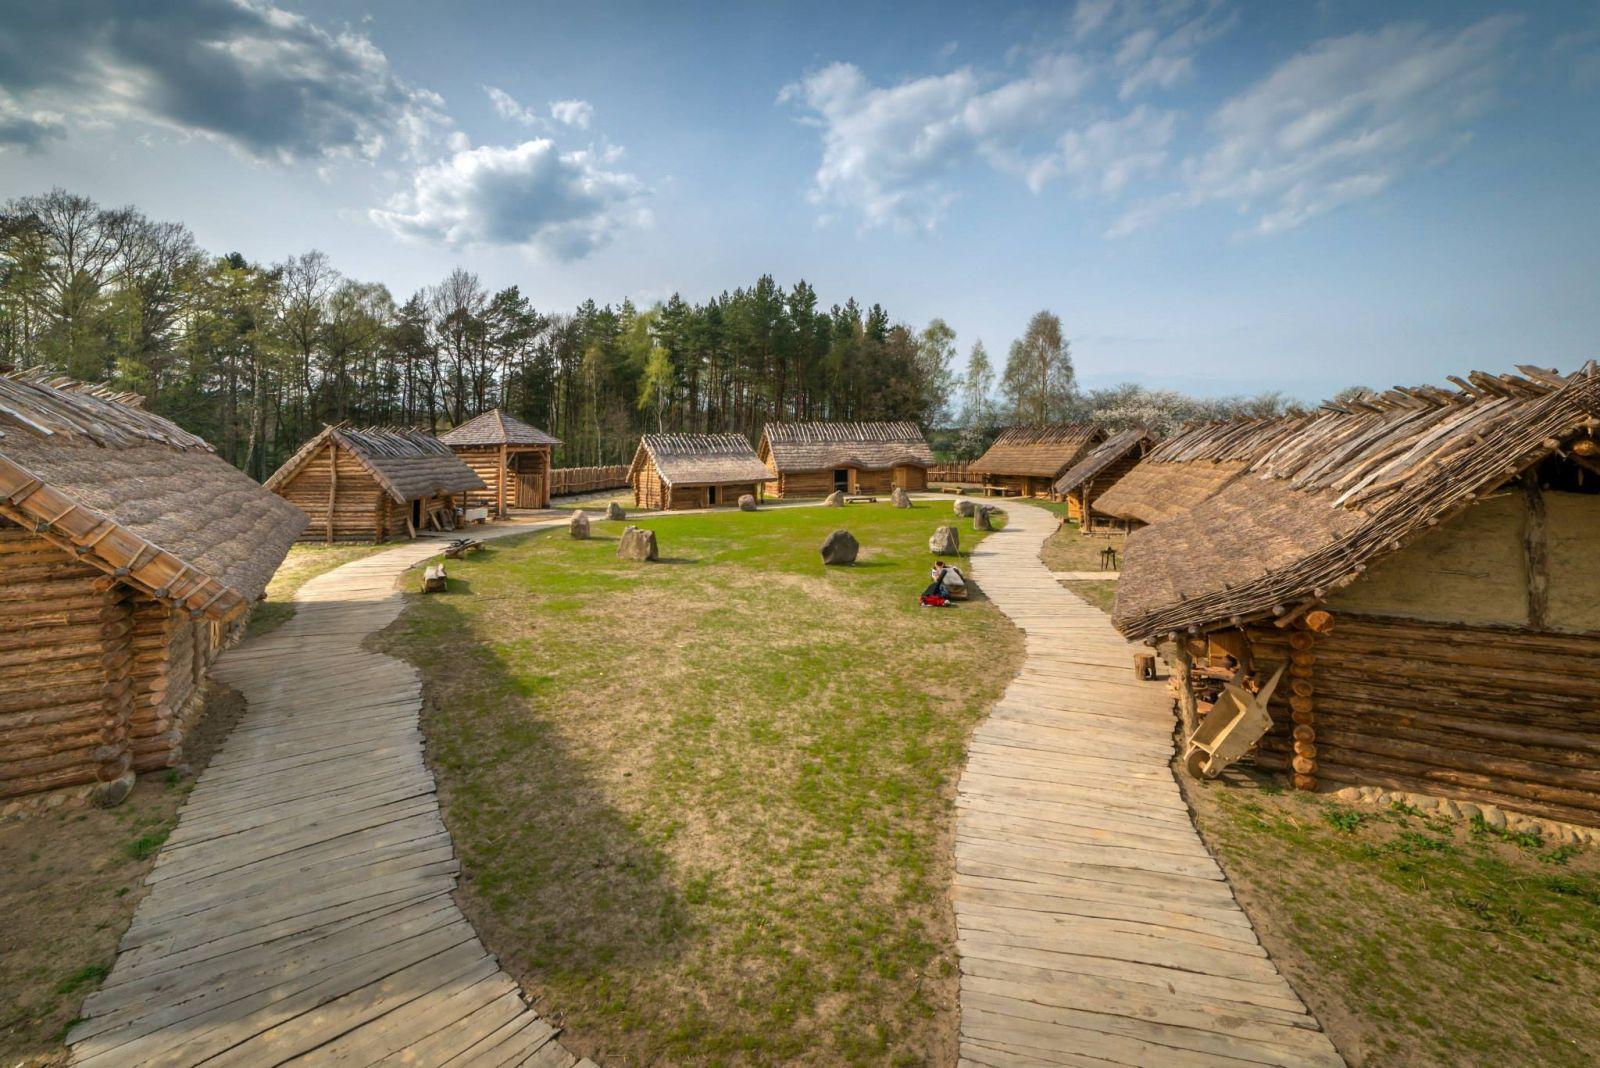 osada-slowianska-slawutowo-rodzinne-atrakcje